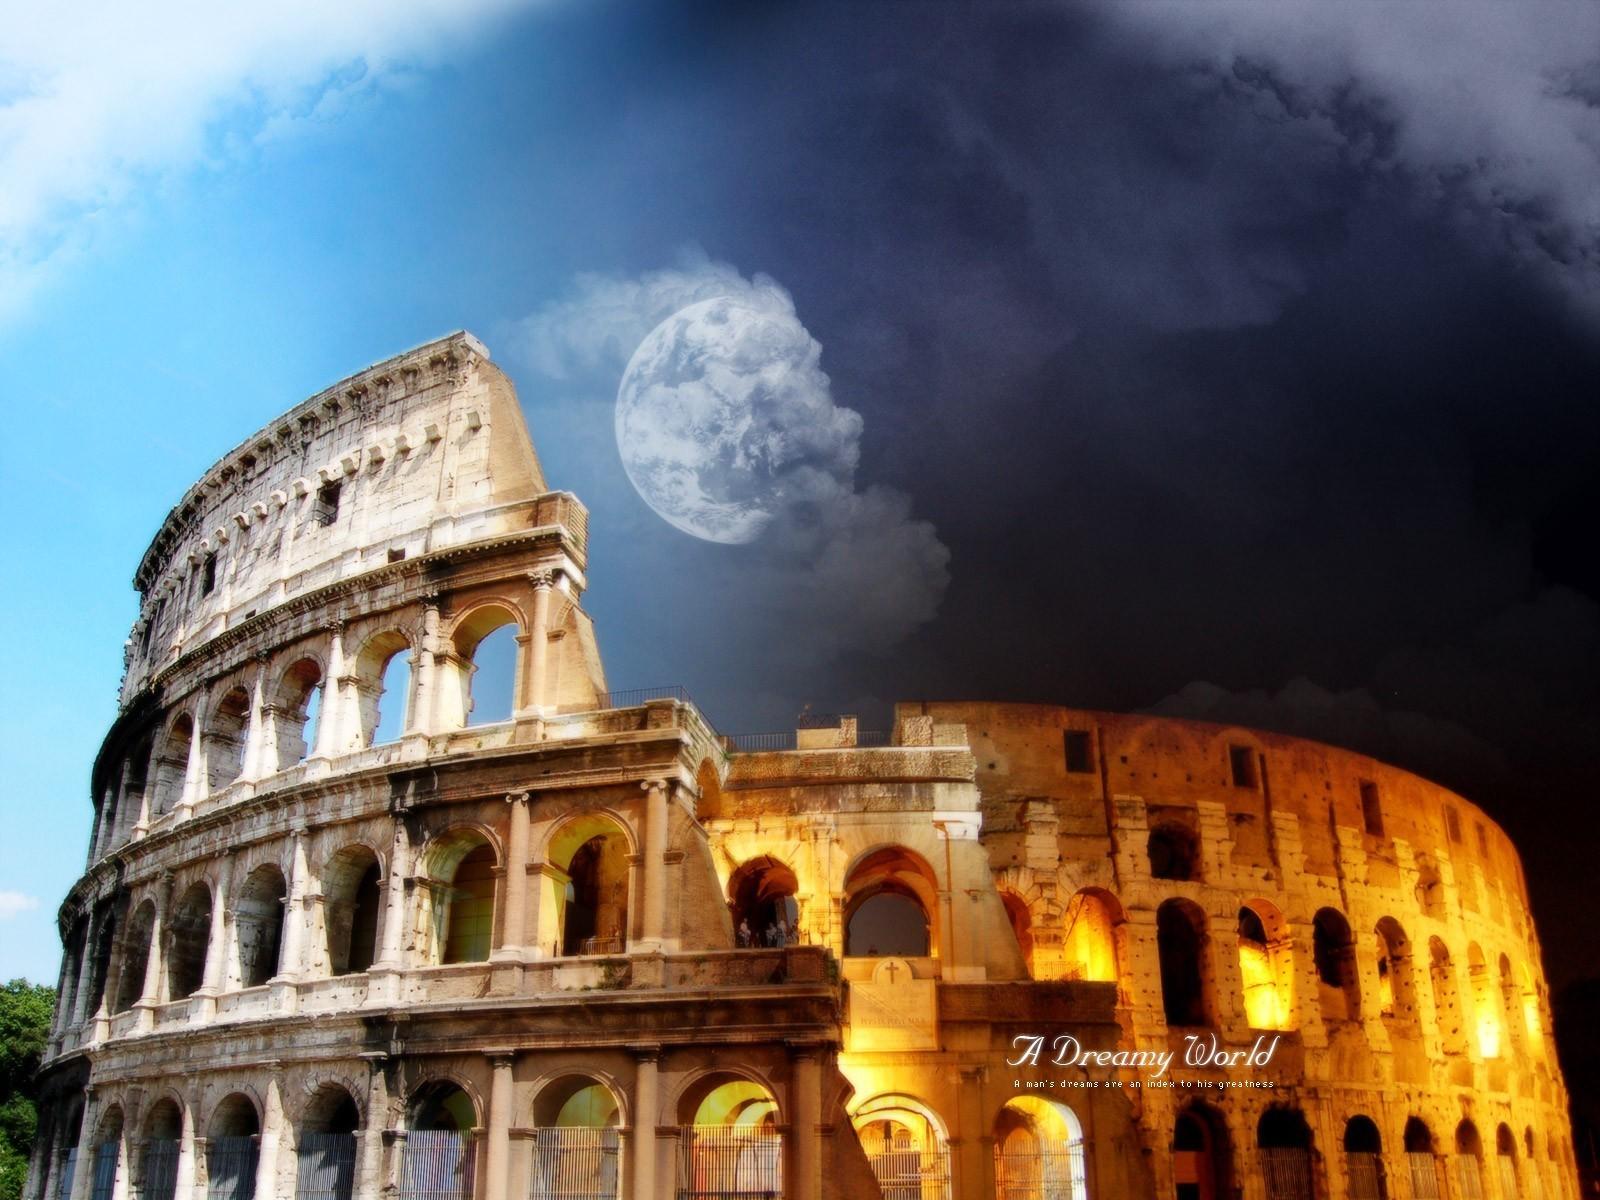 14130 скачать обои Пейзаж, Артфото, Архитектура, Колизей, Италия - заставки и картинки бесплатно